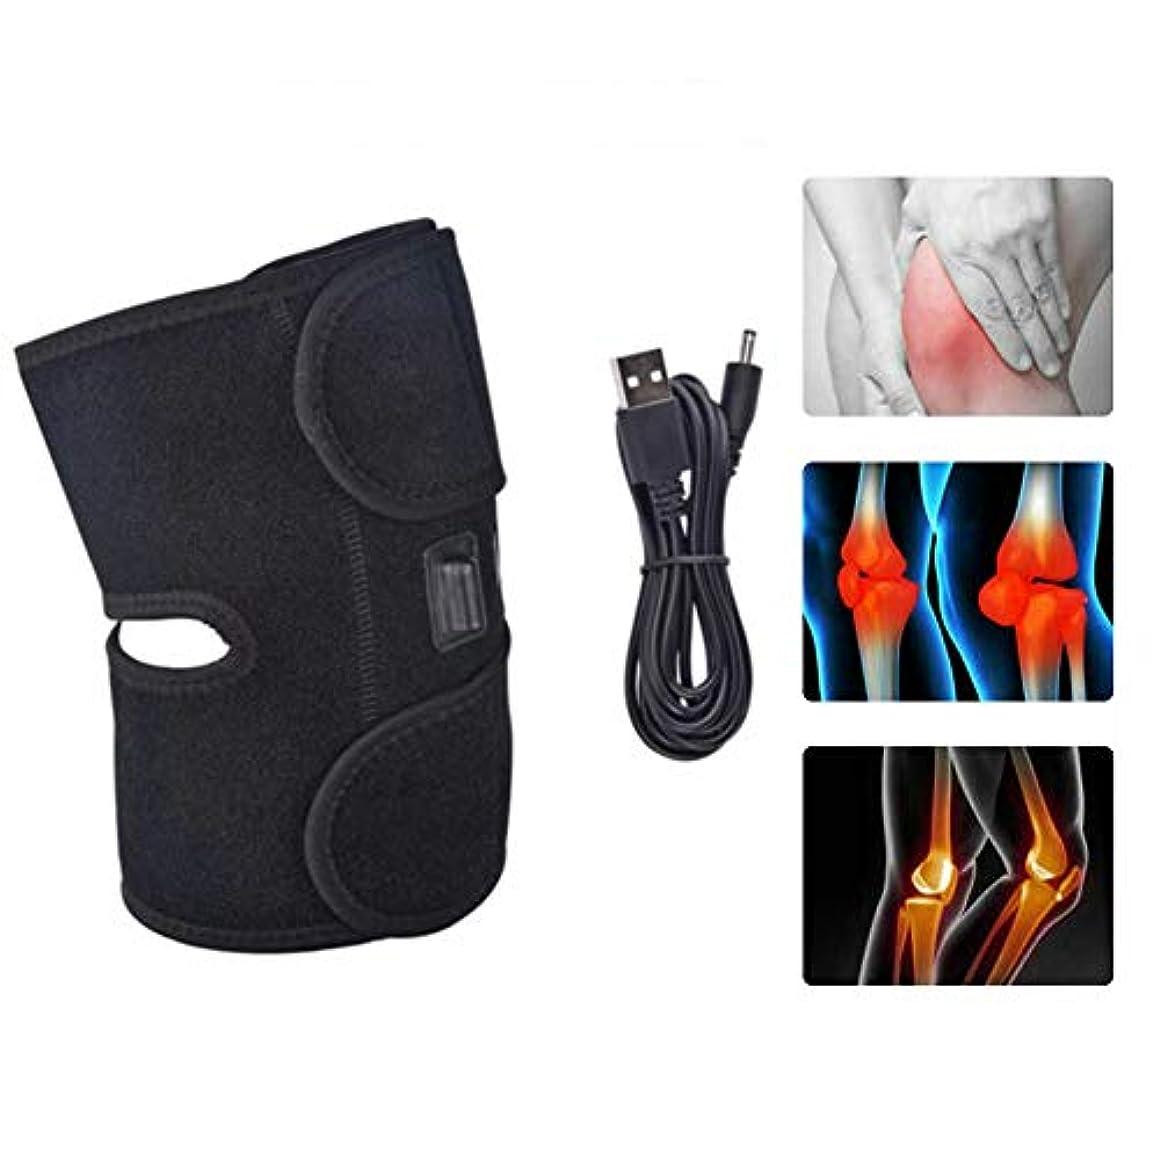 約お風呂を持っている膝の怪我のための3つのファイル温度療法の熱い圧縮の熱くするパッド膝の暖かいラップが付いている電気暖房の膝支柱,2pcs